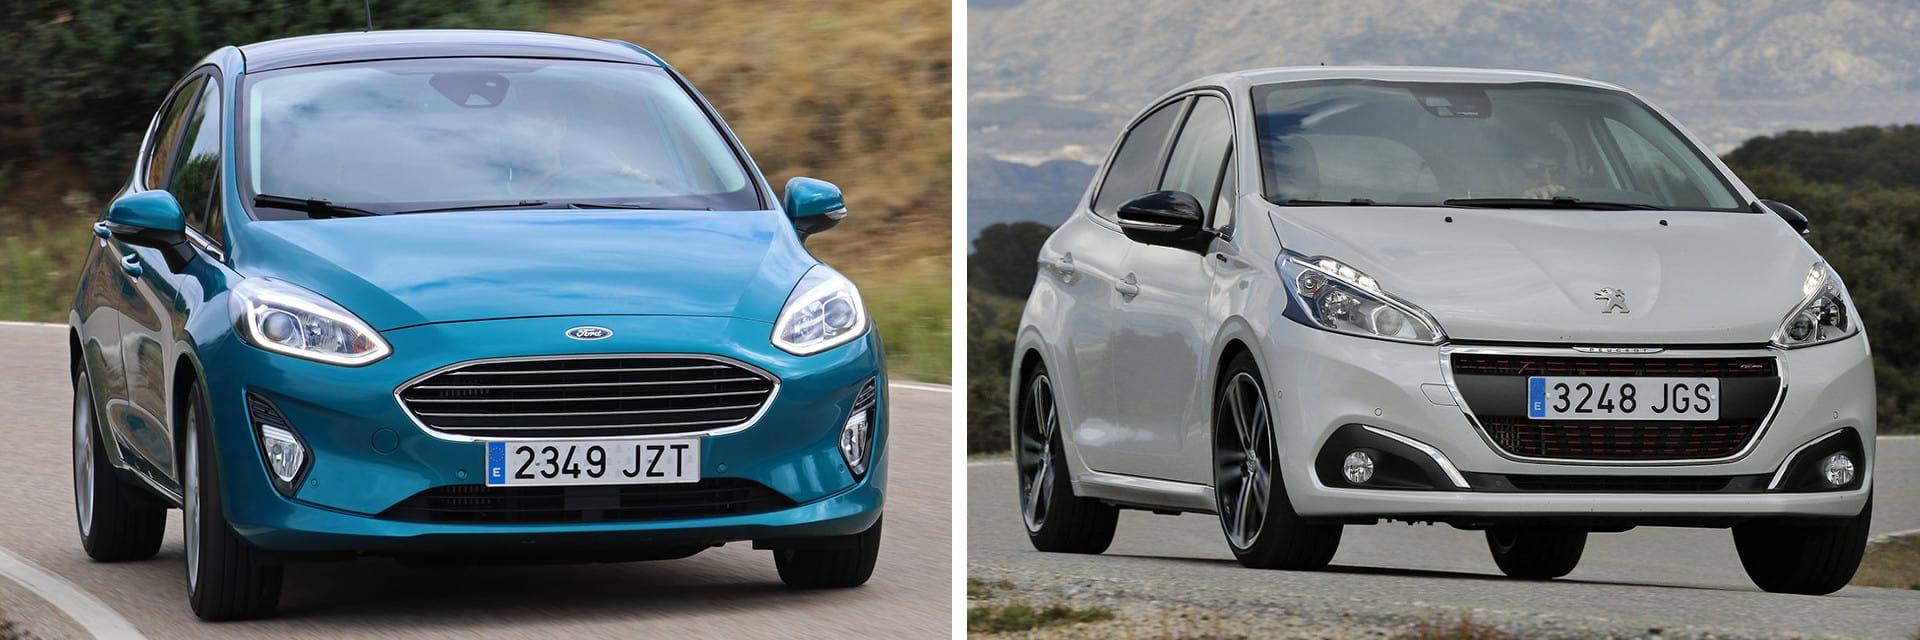 El Ford Fiesta es algo más rápido realizando adelantamientos: acelera de 80 a 120 km/h en 6,8 segundos, frente a los 7,5 del Peugeot.